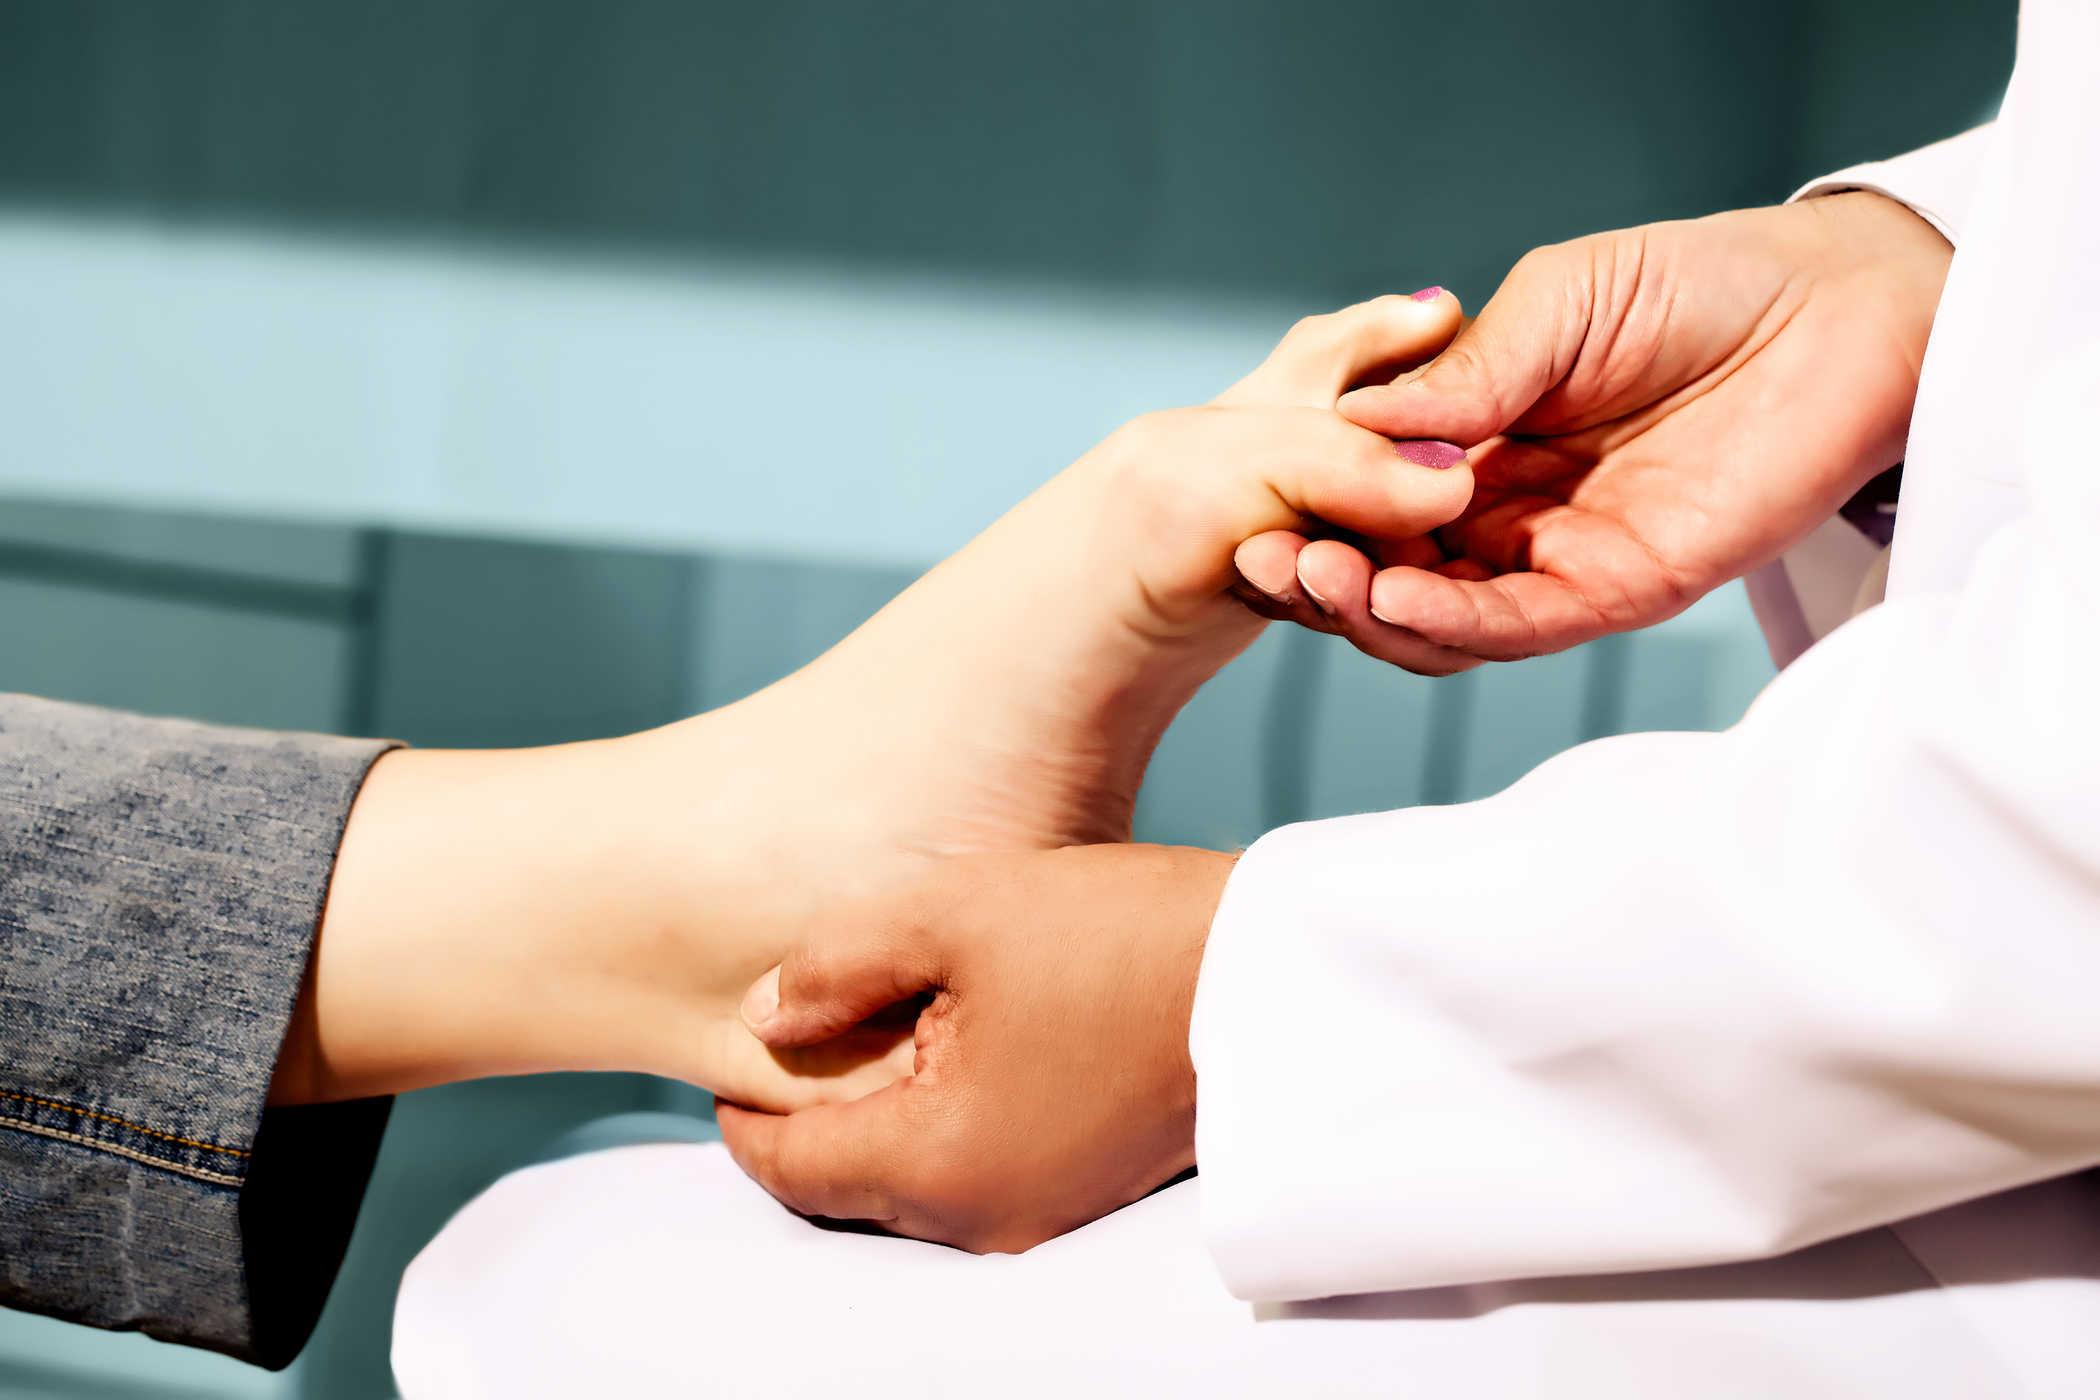 chữa đau khớp cổ chân